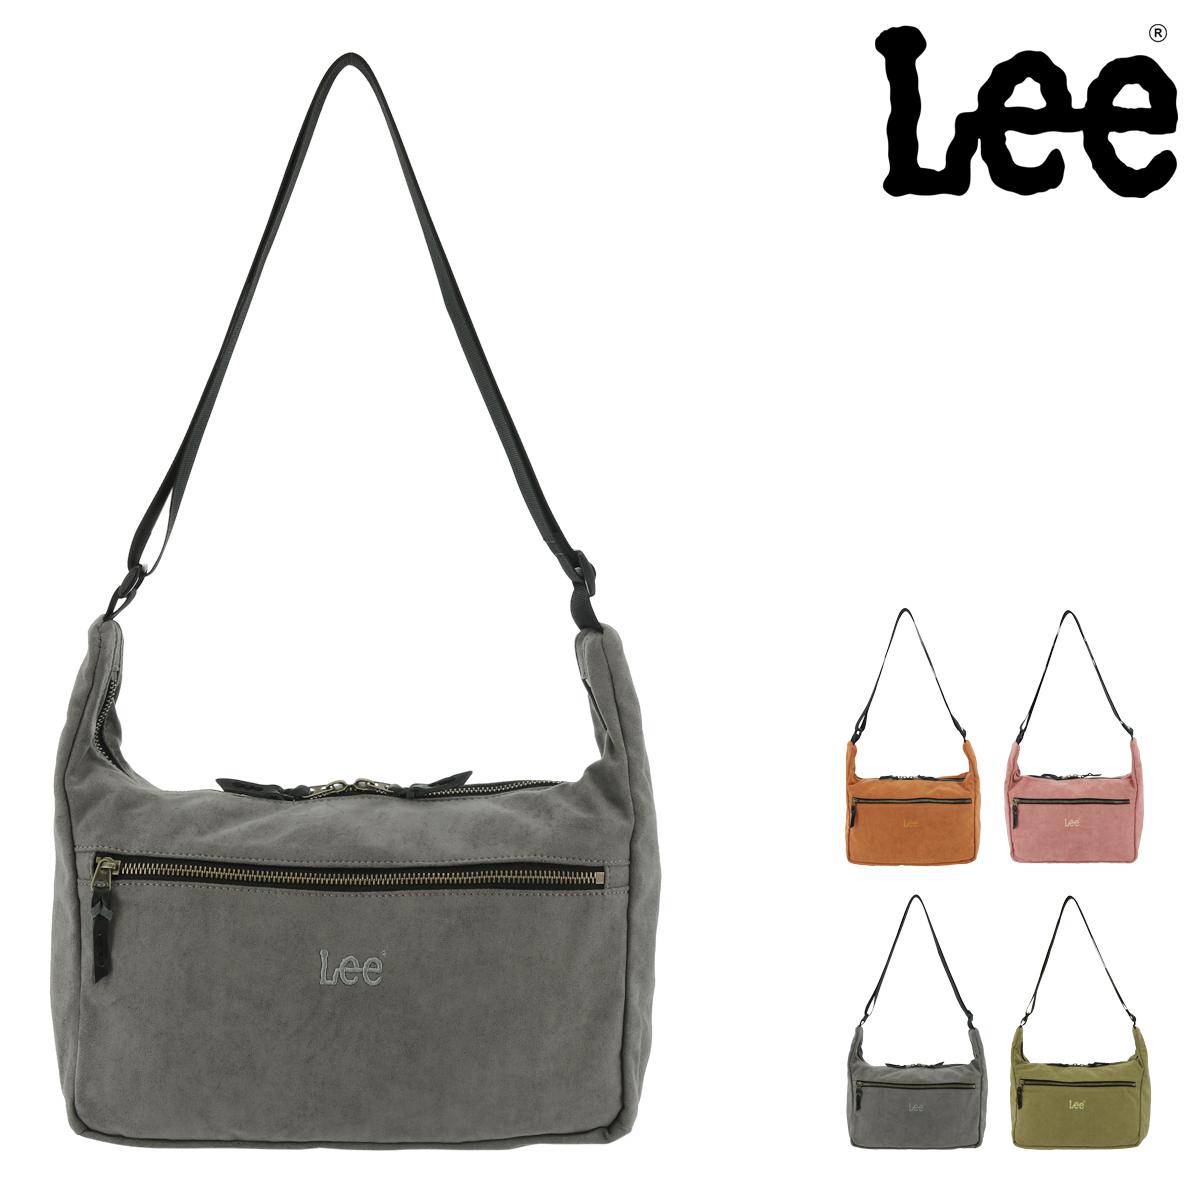 リー ショルダーバッグ デコレーション メンズ レディース 320-623 Lee | [PO10][bef]